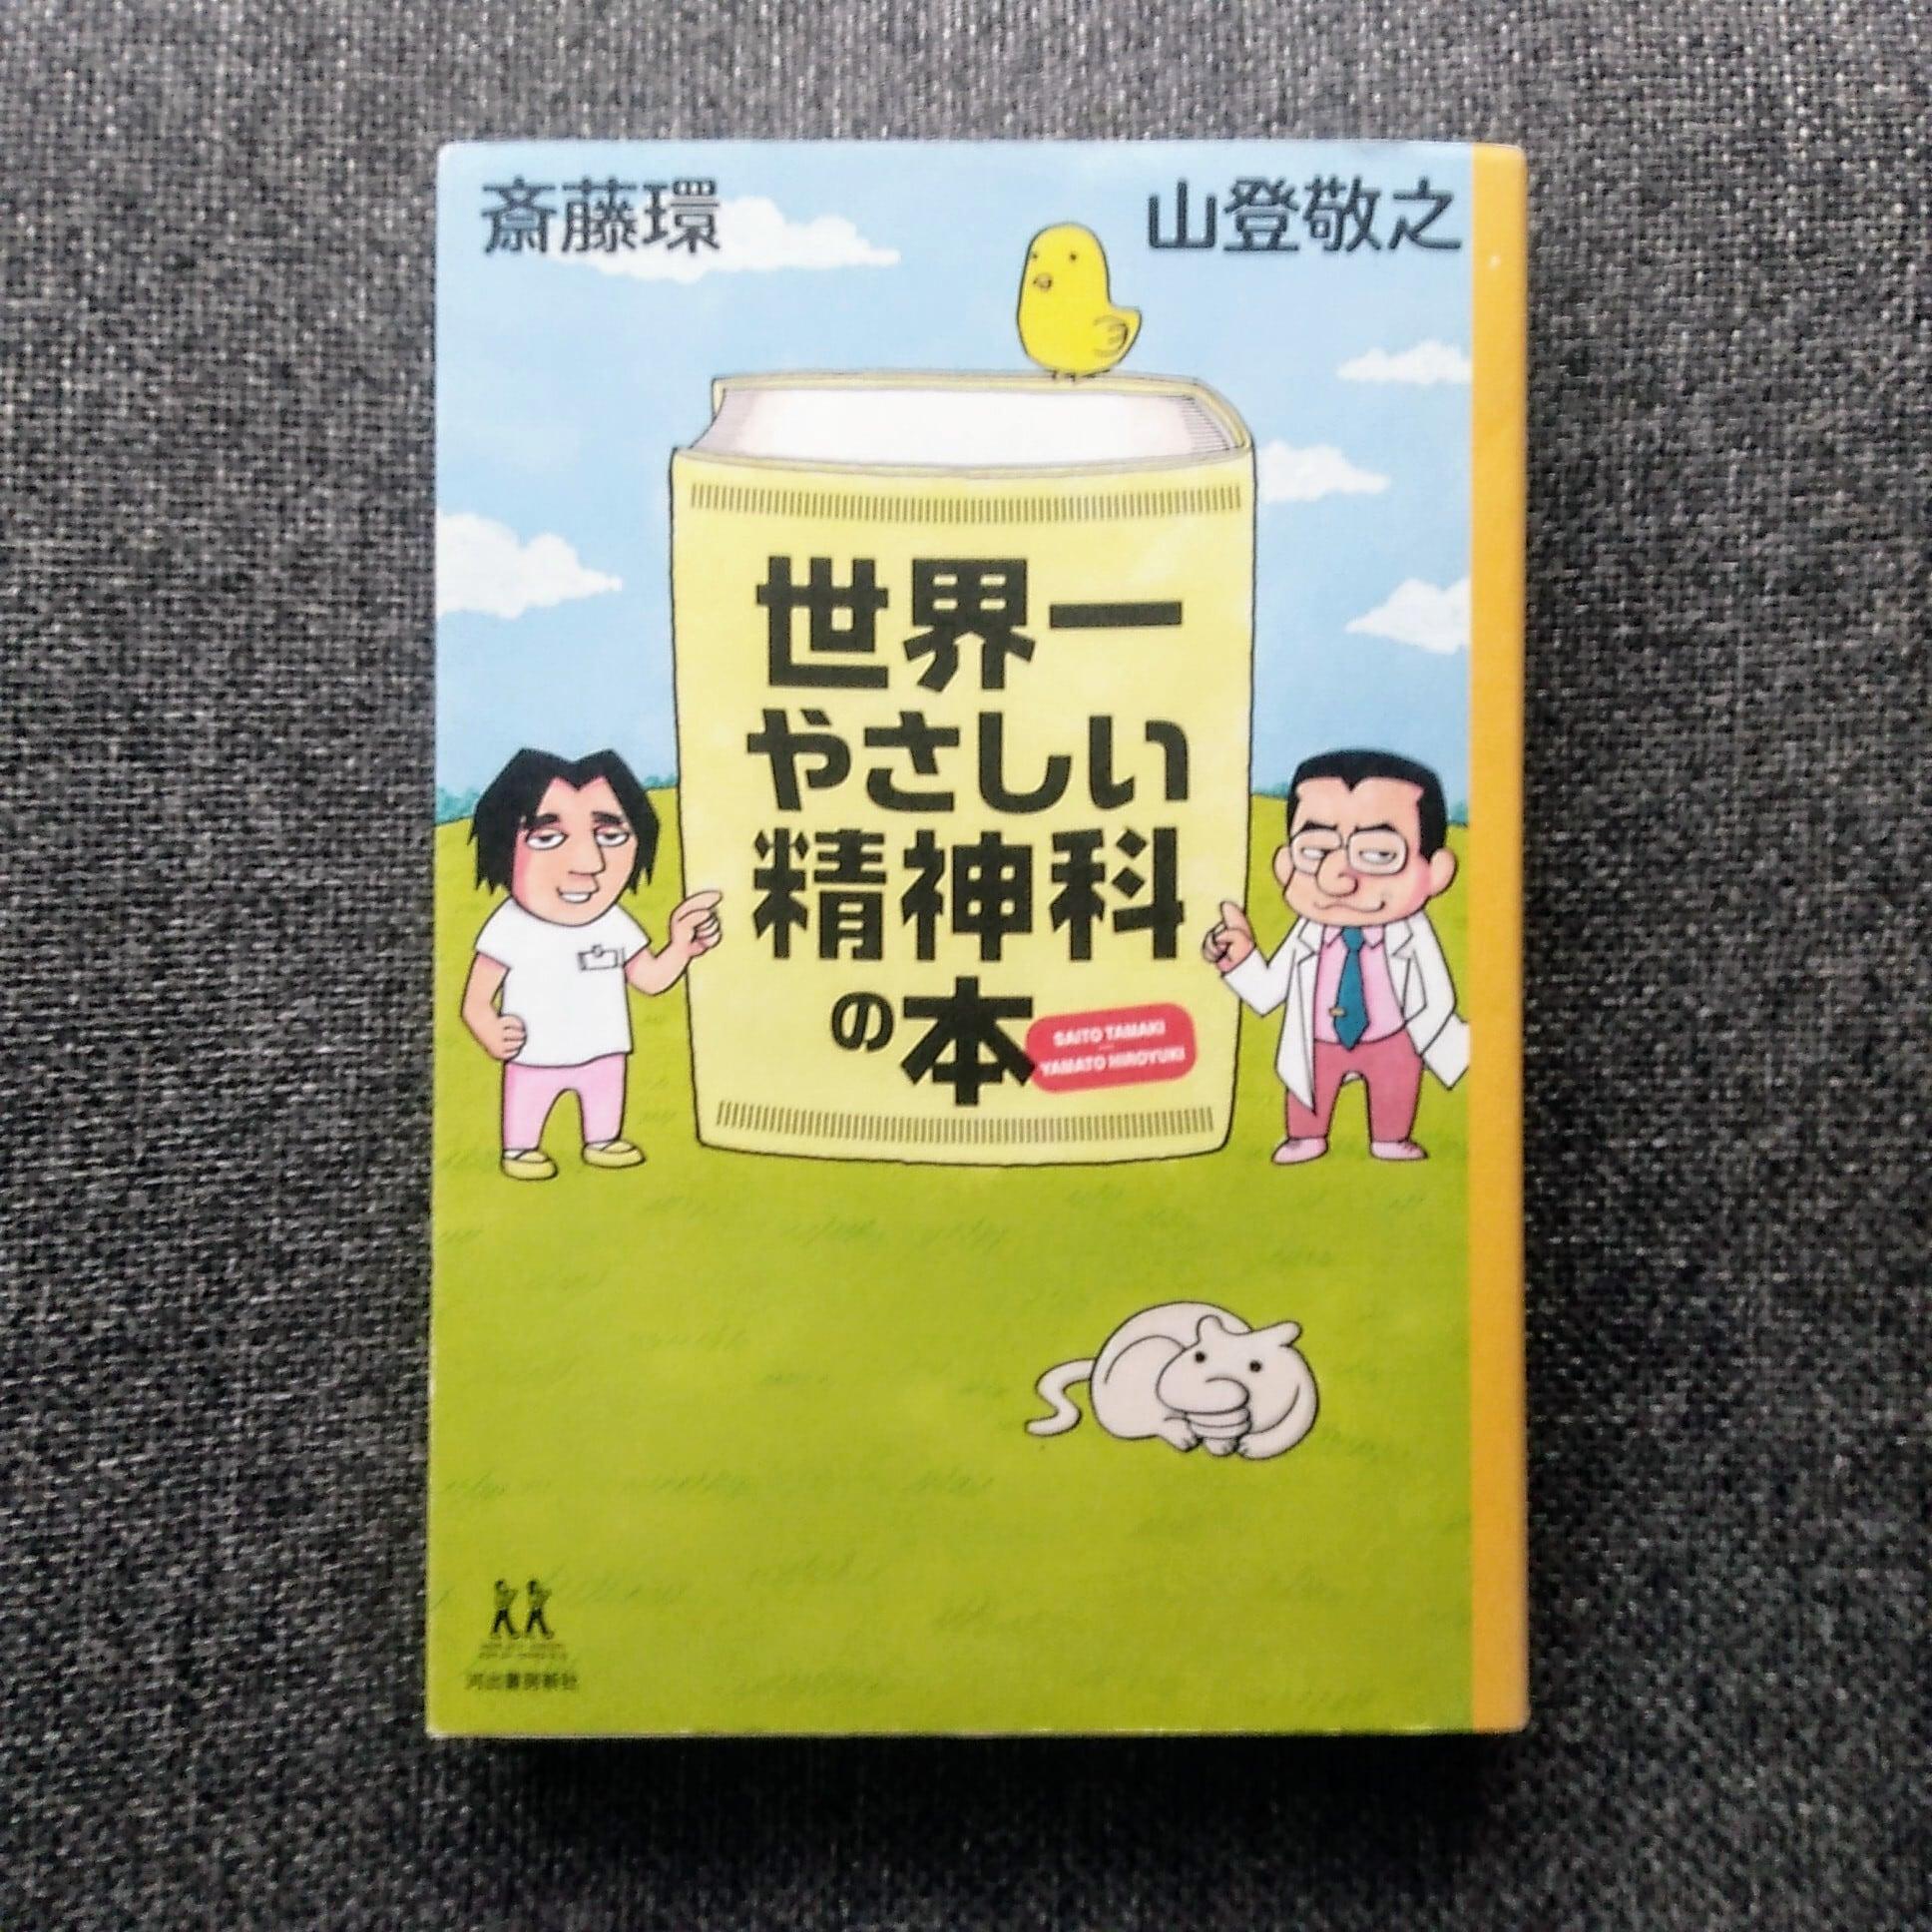 世界一やさしい精神科の本  ~14歳の世渡り術